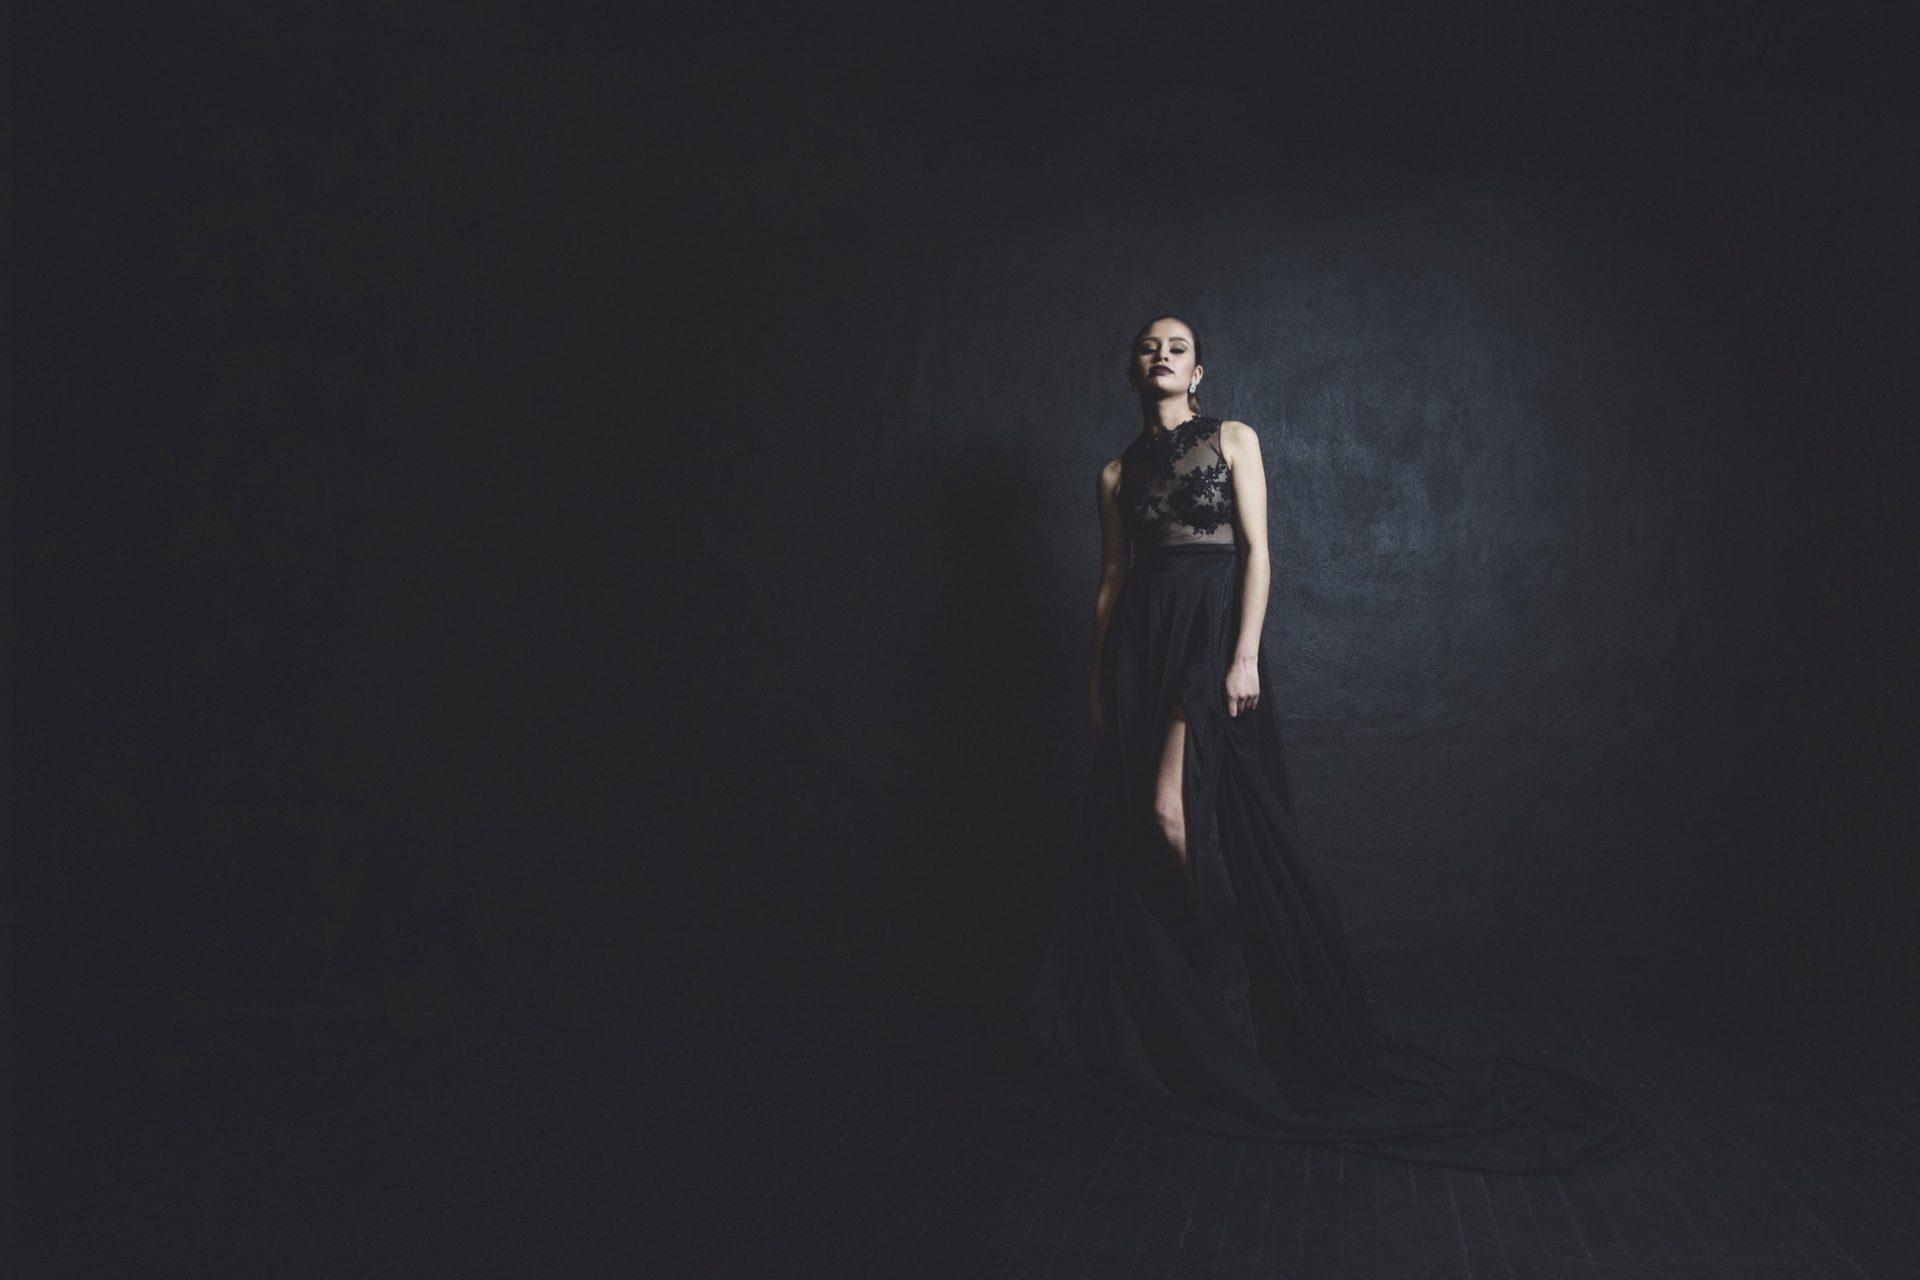 fotografo_profesional_bodas_zacatecas_casual_teatro_calderon_fashion-2